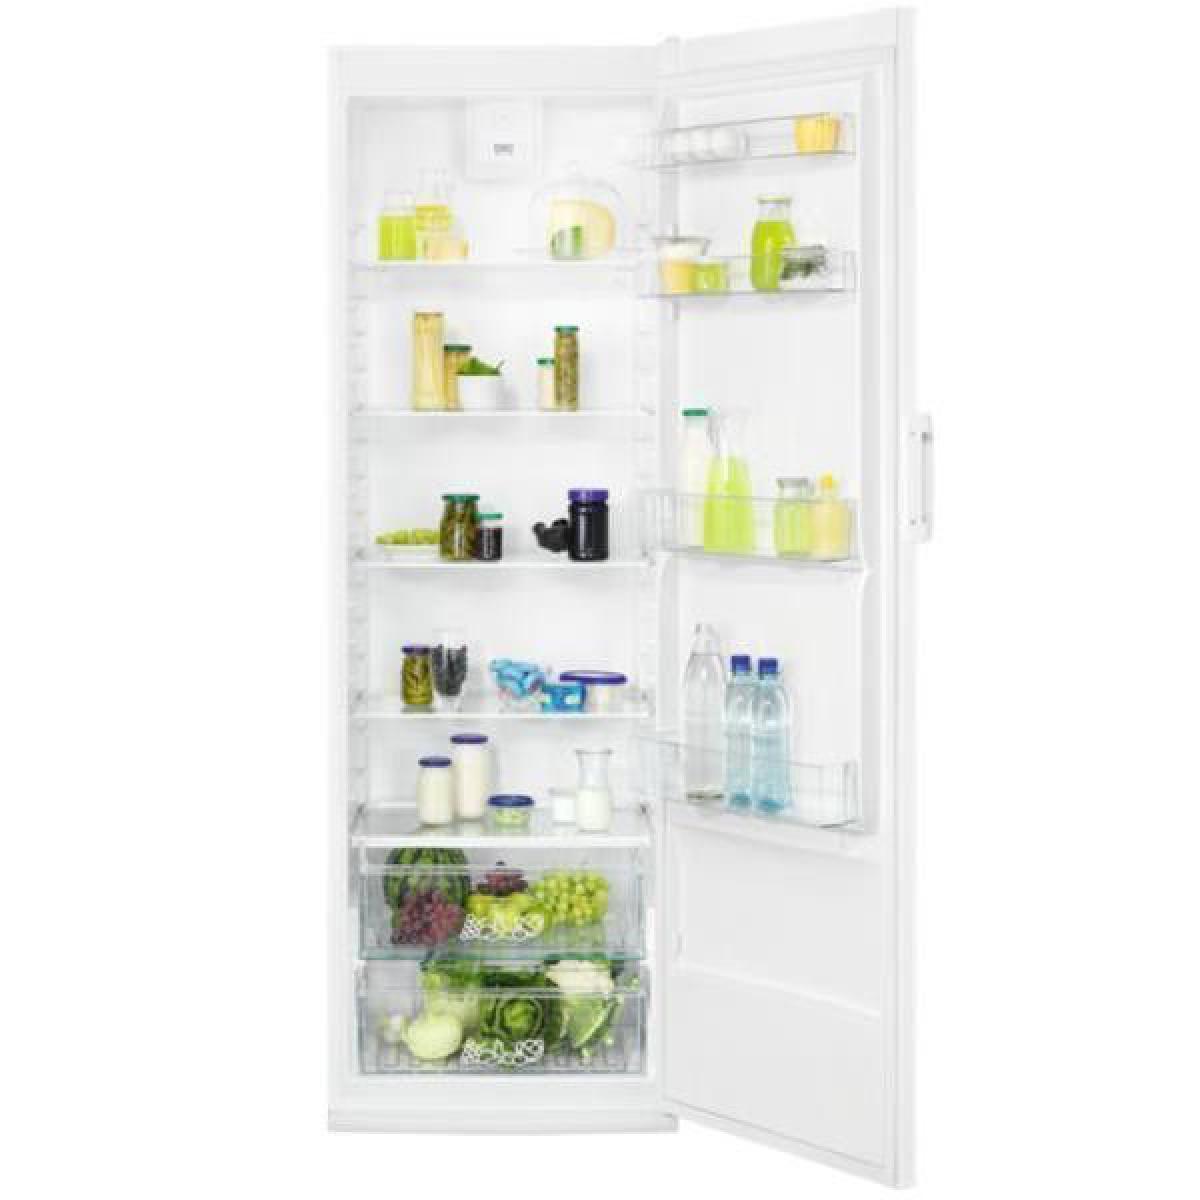 Faure Réfrigérateur 1 porte 387L Froid Brassé FAURE 64cm A+, FRDN39FW